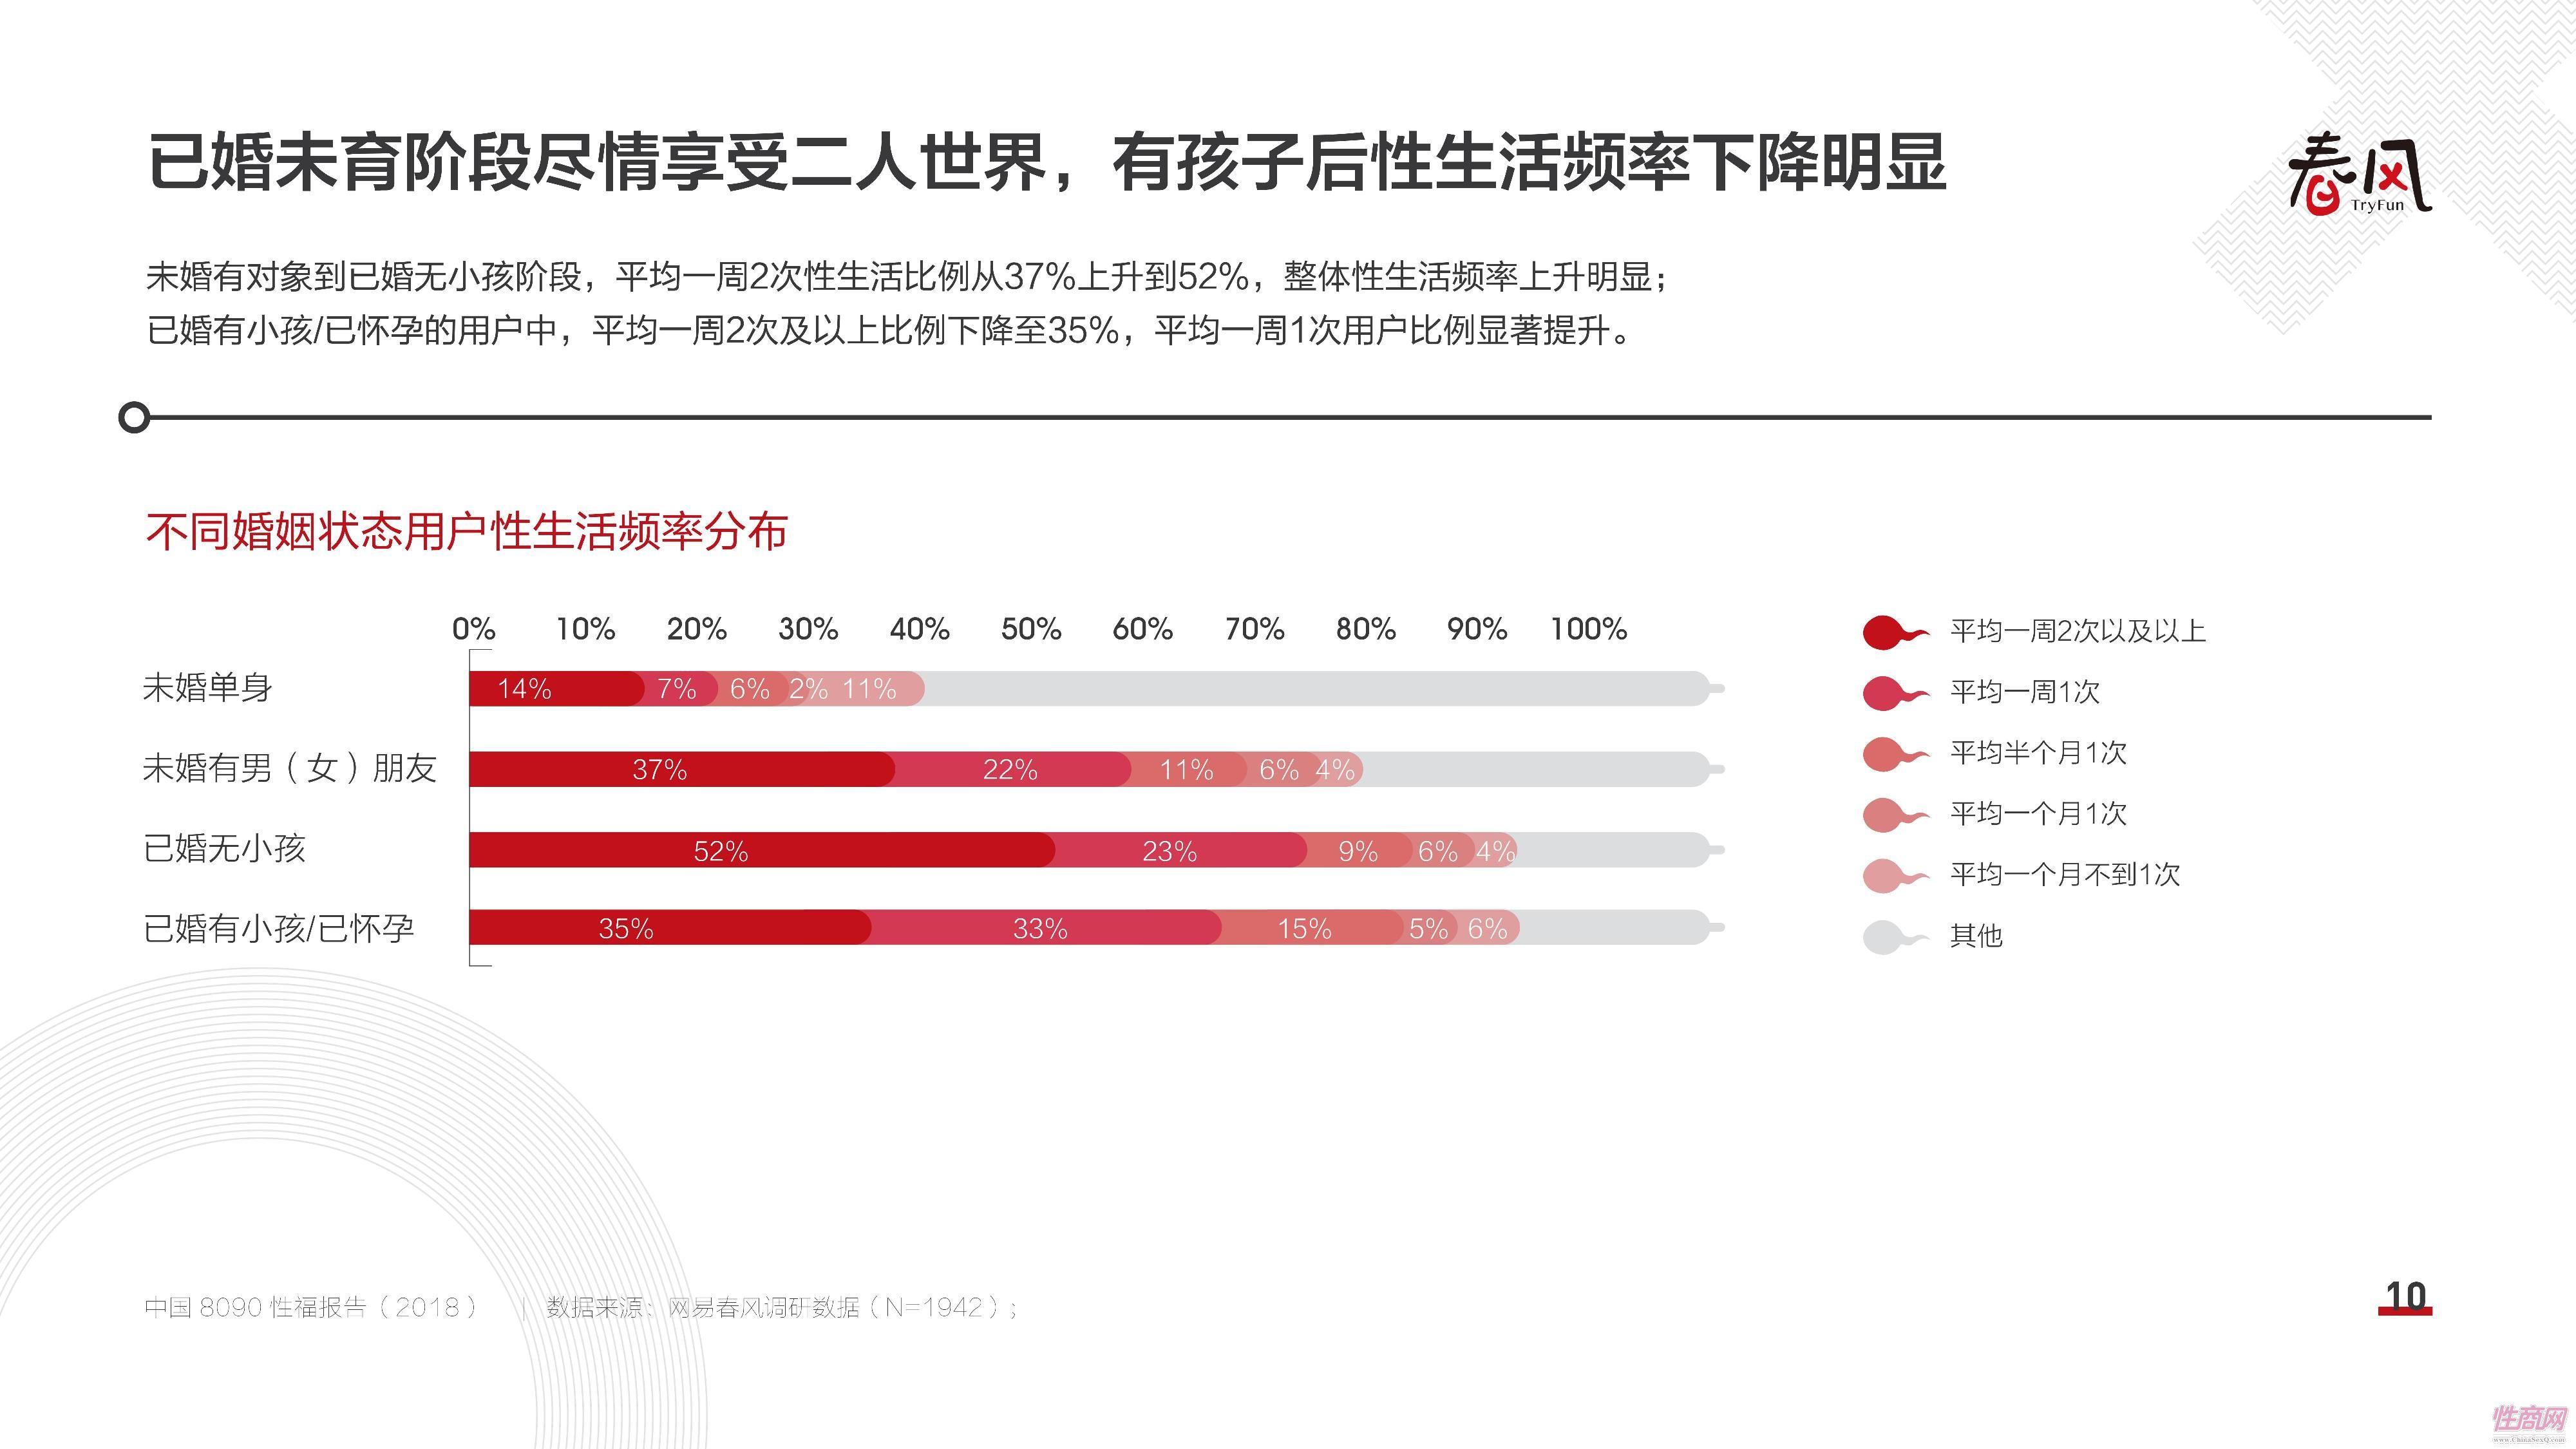 18中国8090性福报告 (9)